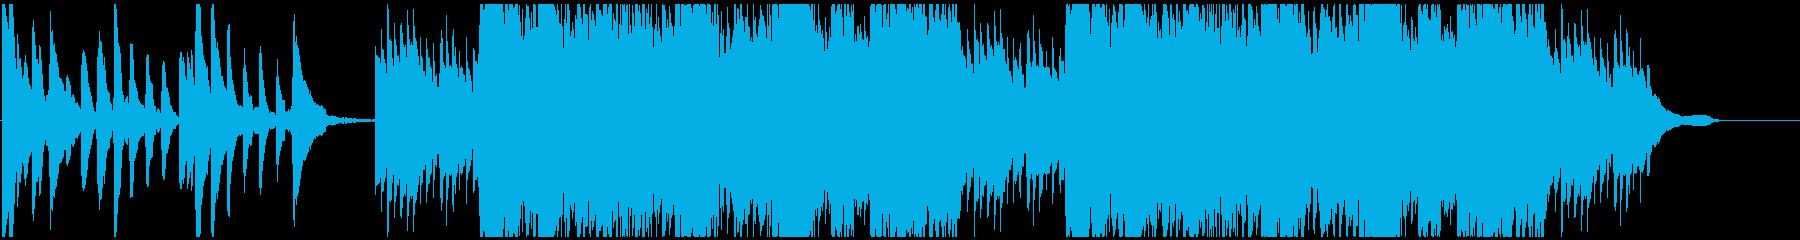 CM 科学や未来を発想する ミニマル音楽の再生済みの波形